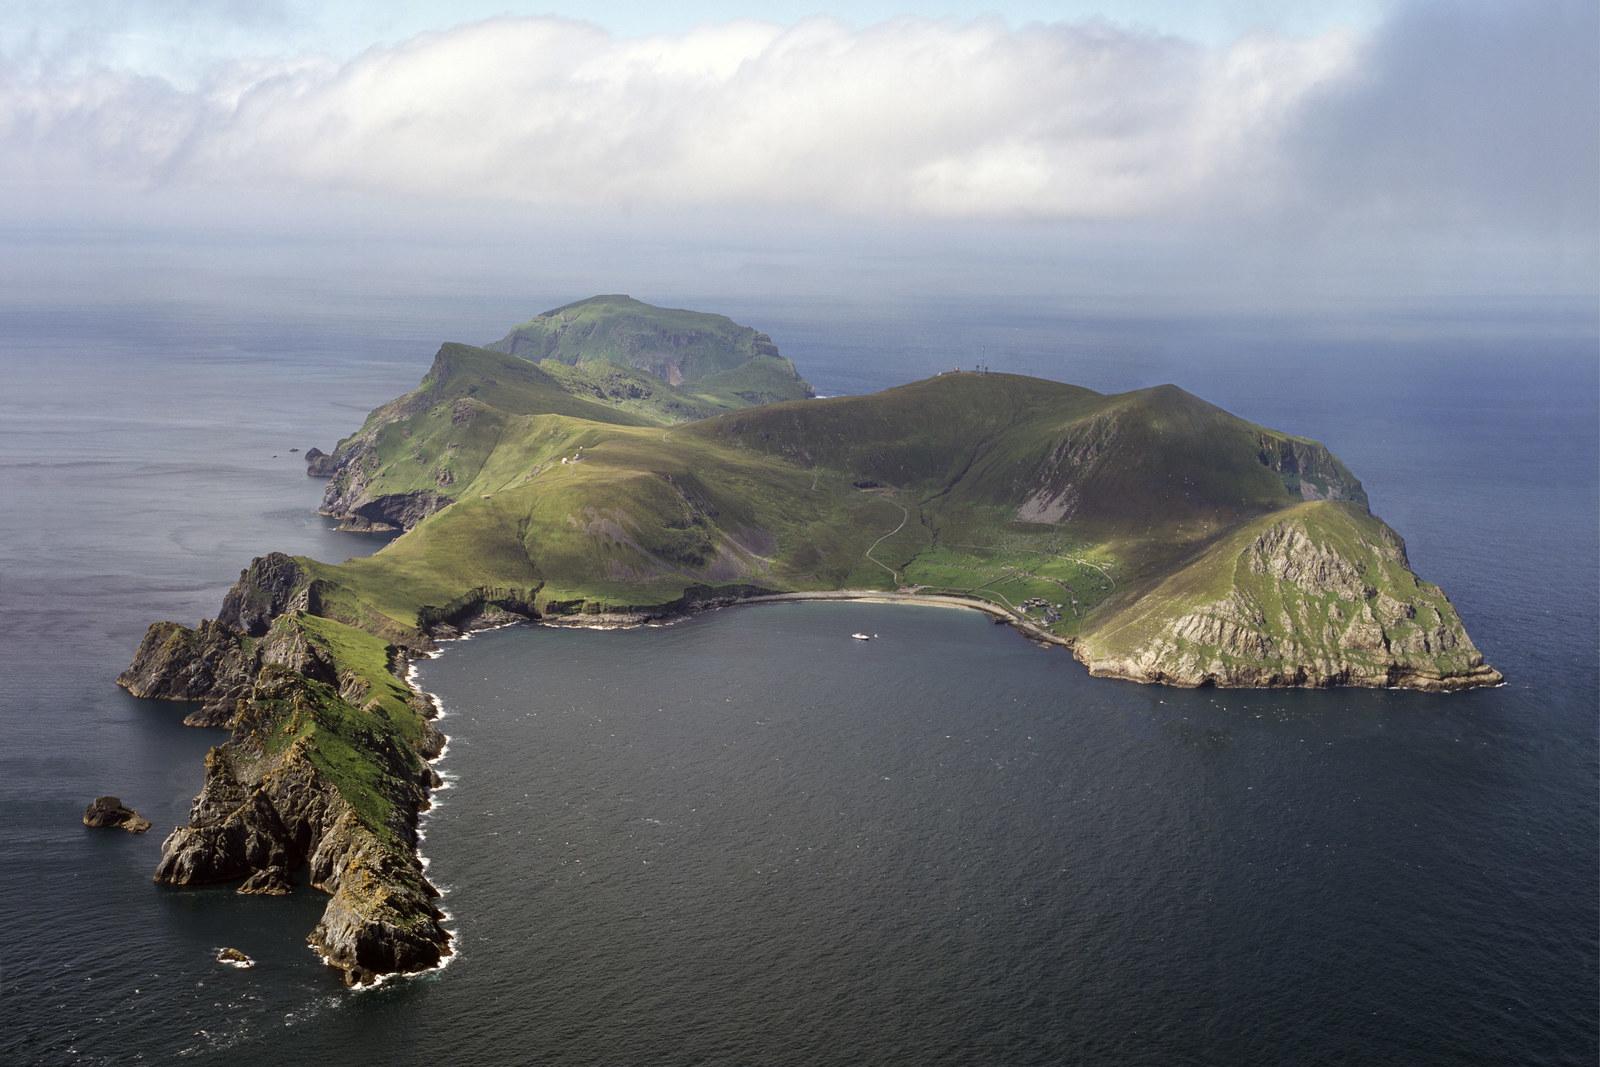 Archipelag St Kilda, Hebrydy Zewnętrzne, Szkocja